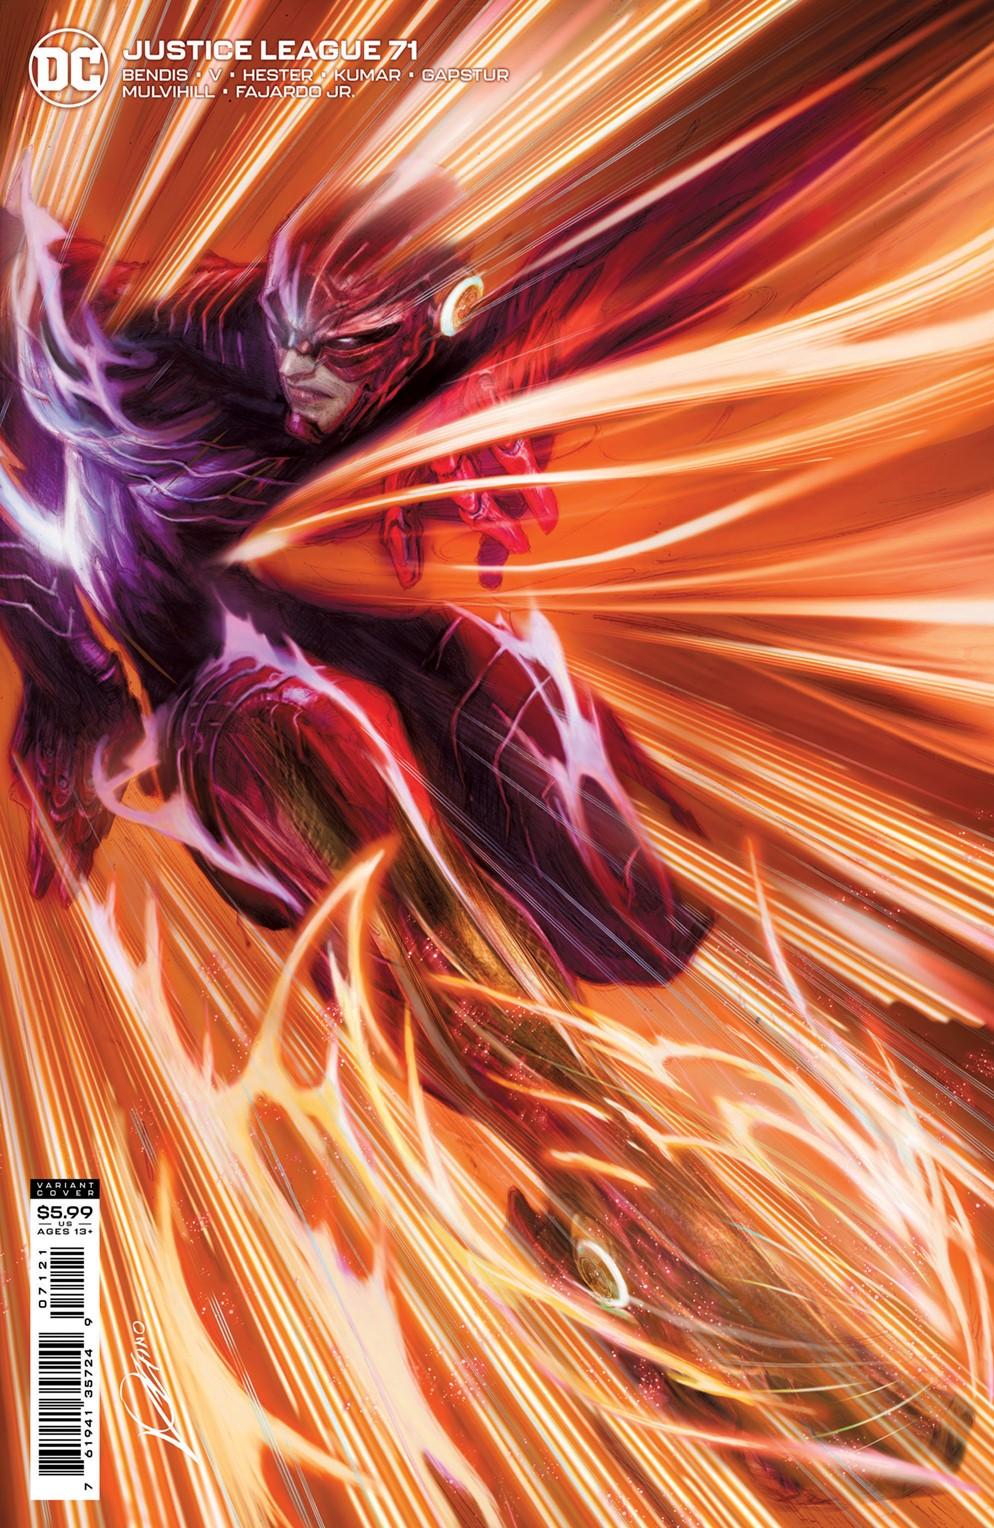 JL_Cv71_var DC Comics December 2021 Solicitations